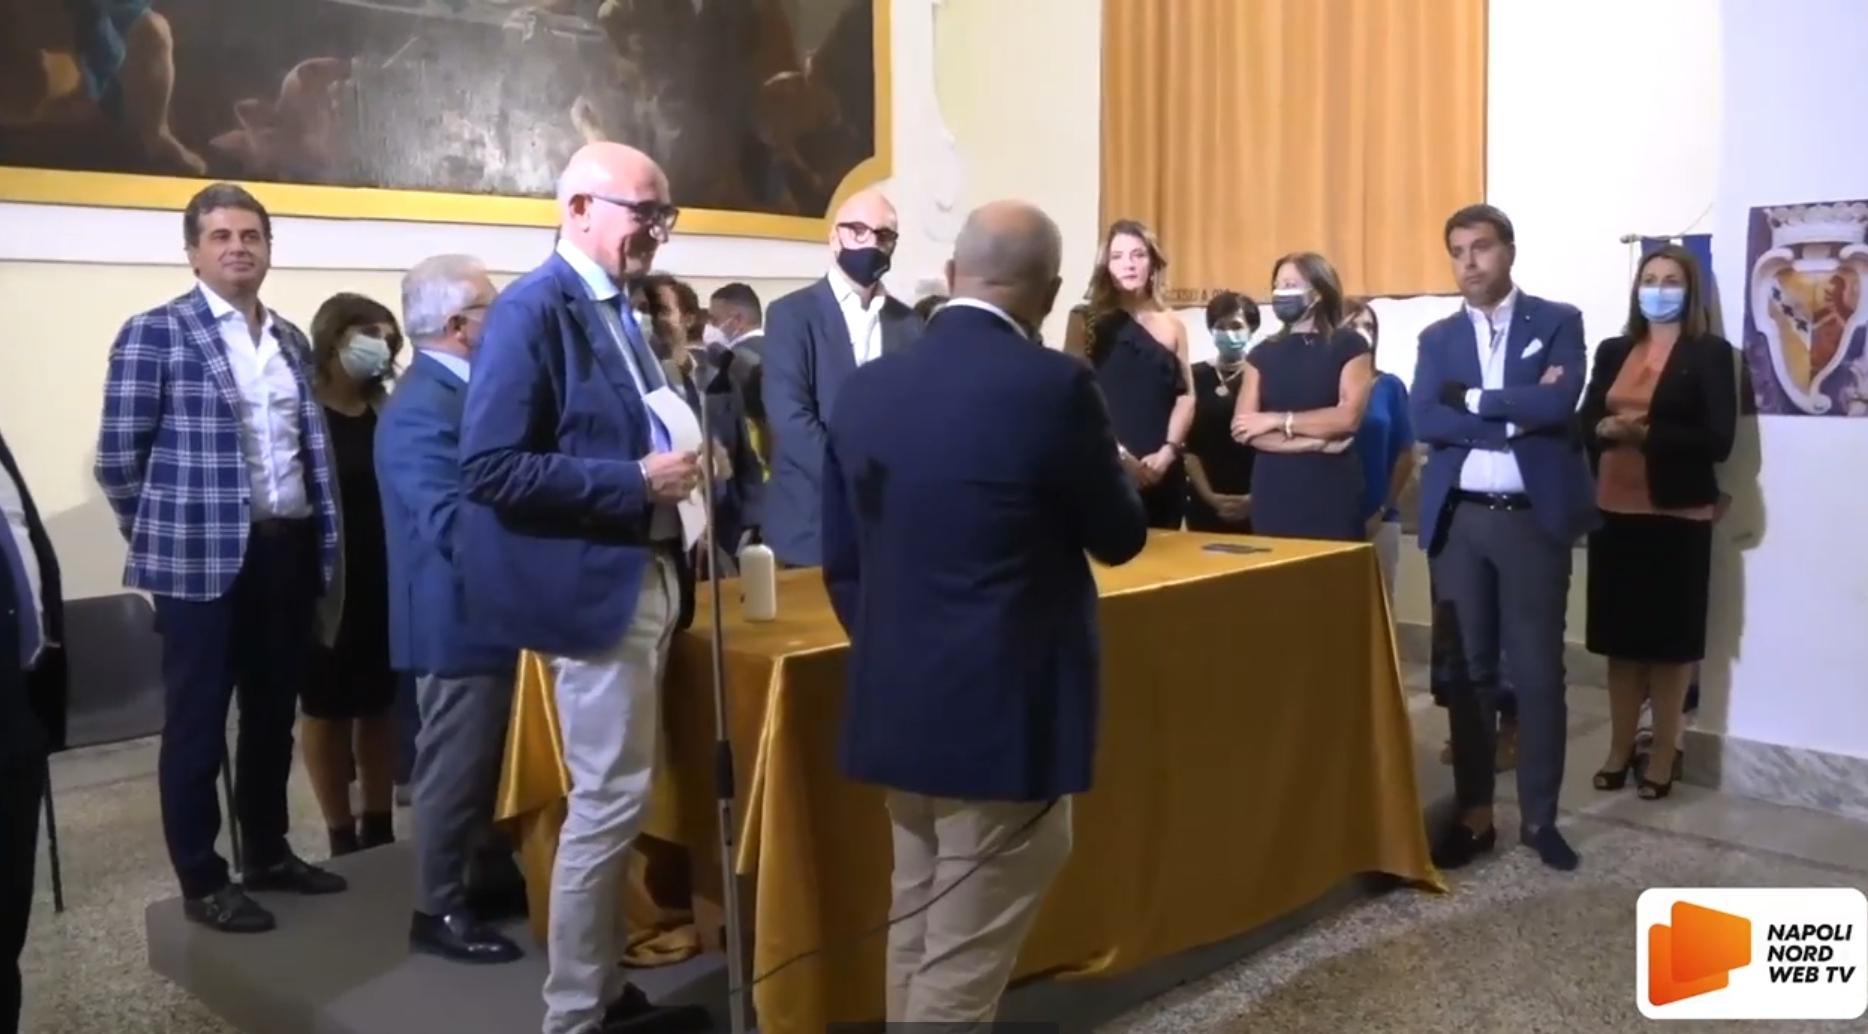 'Odcec 2.0': presentata la lista con il candidato alla presidenza dell'ordine dei Commercialisti di Napoli Nord Francesco Matacena VIDEO